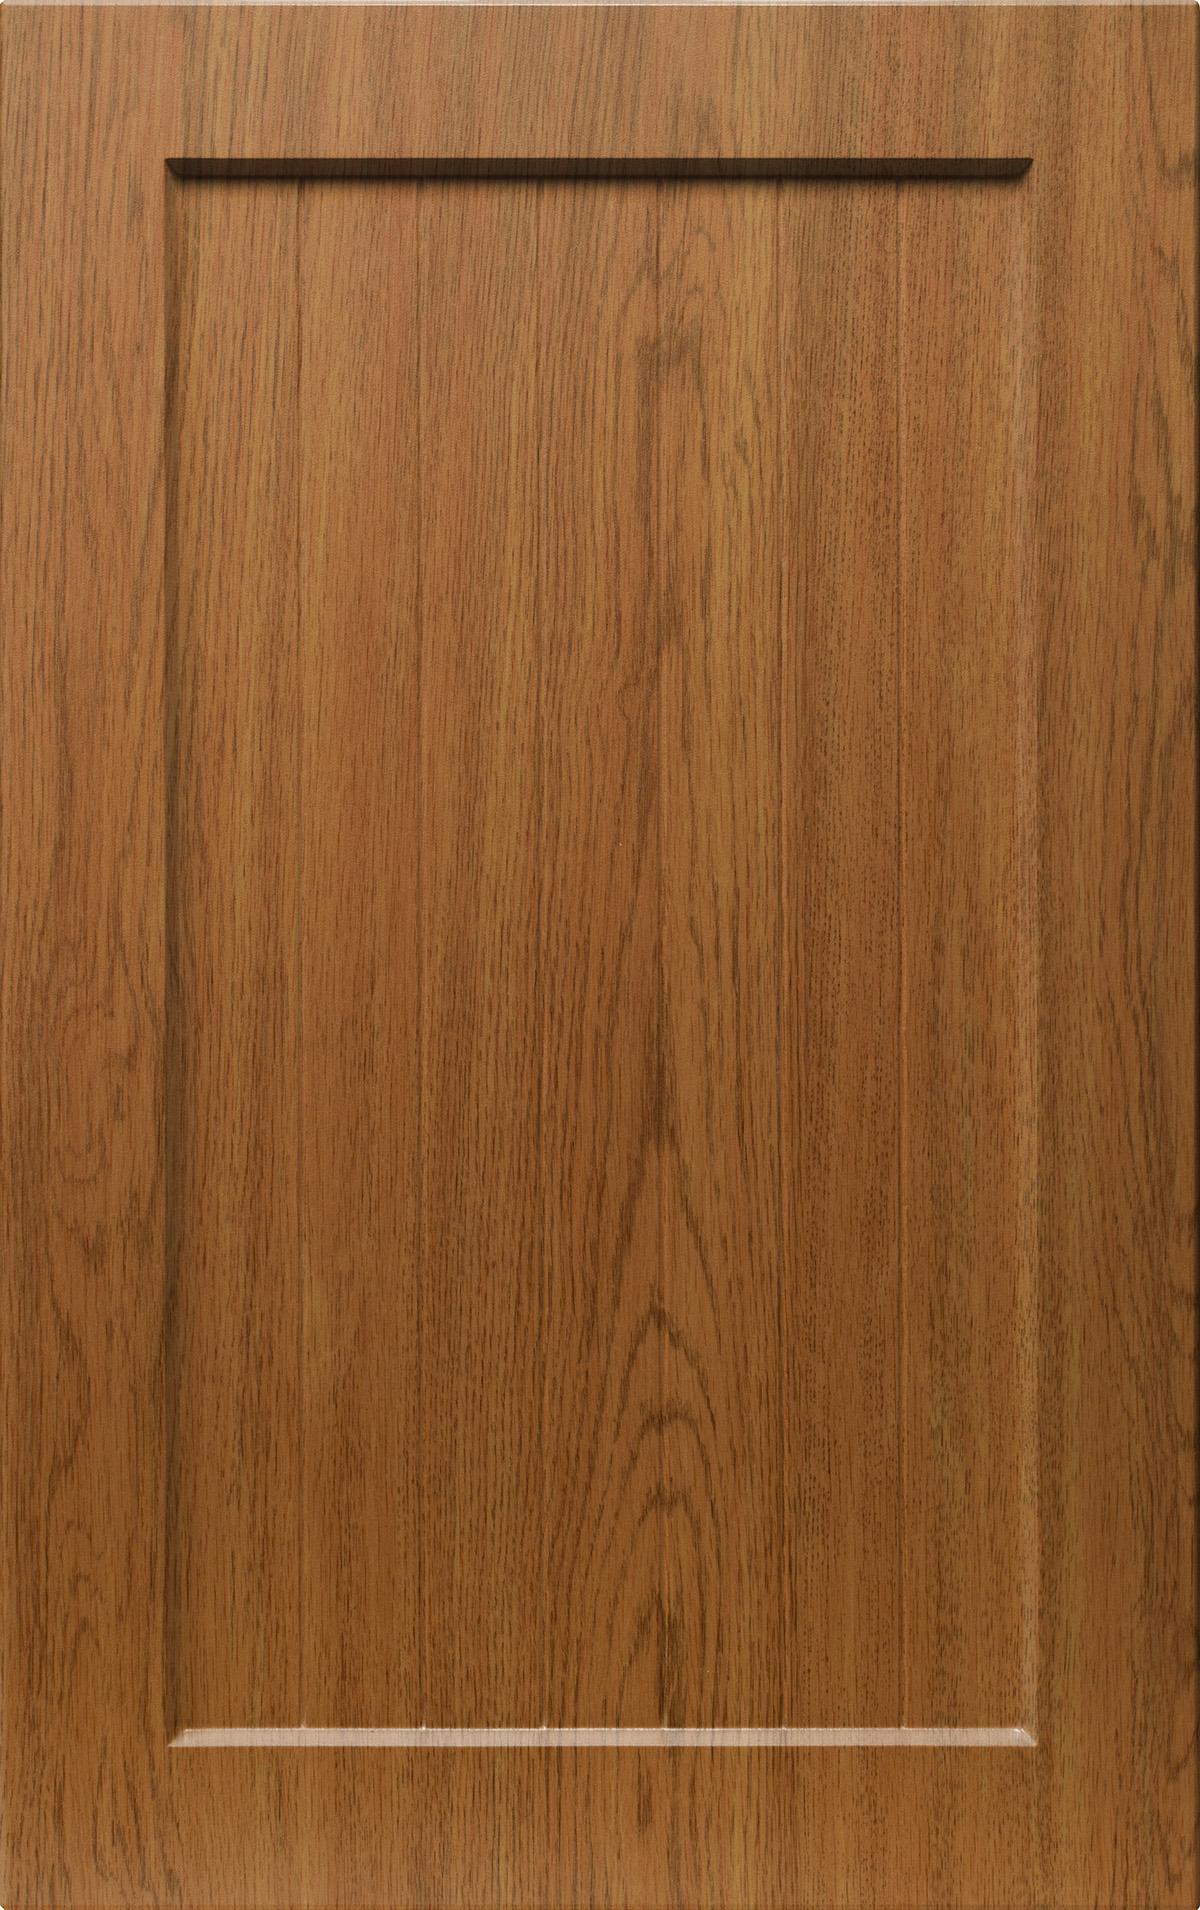 Solara Oak